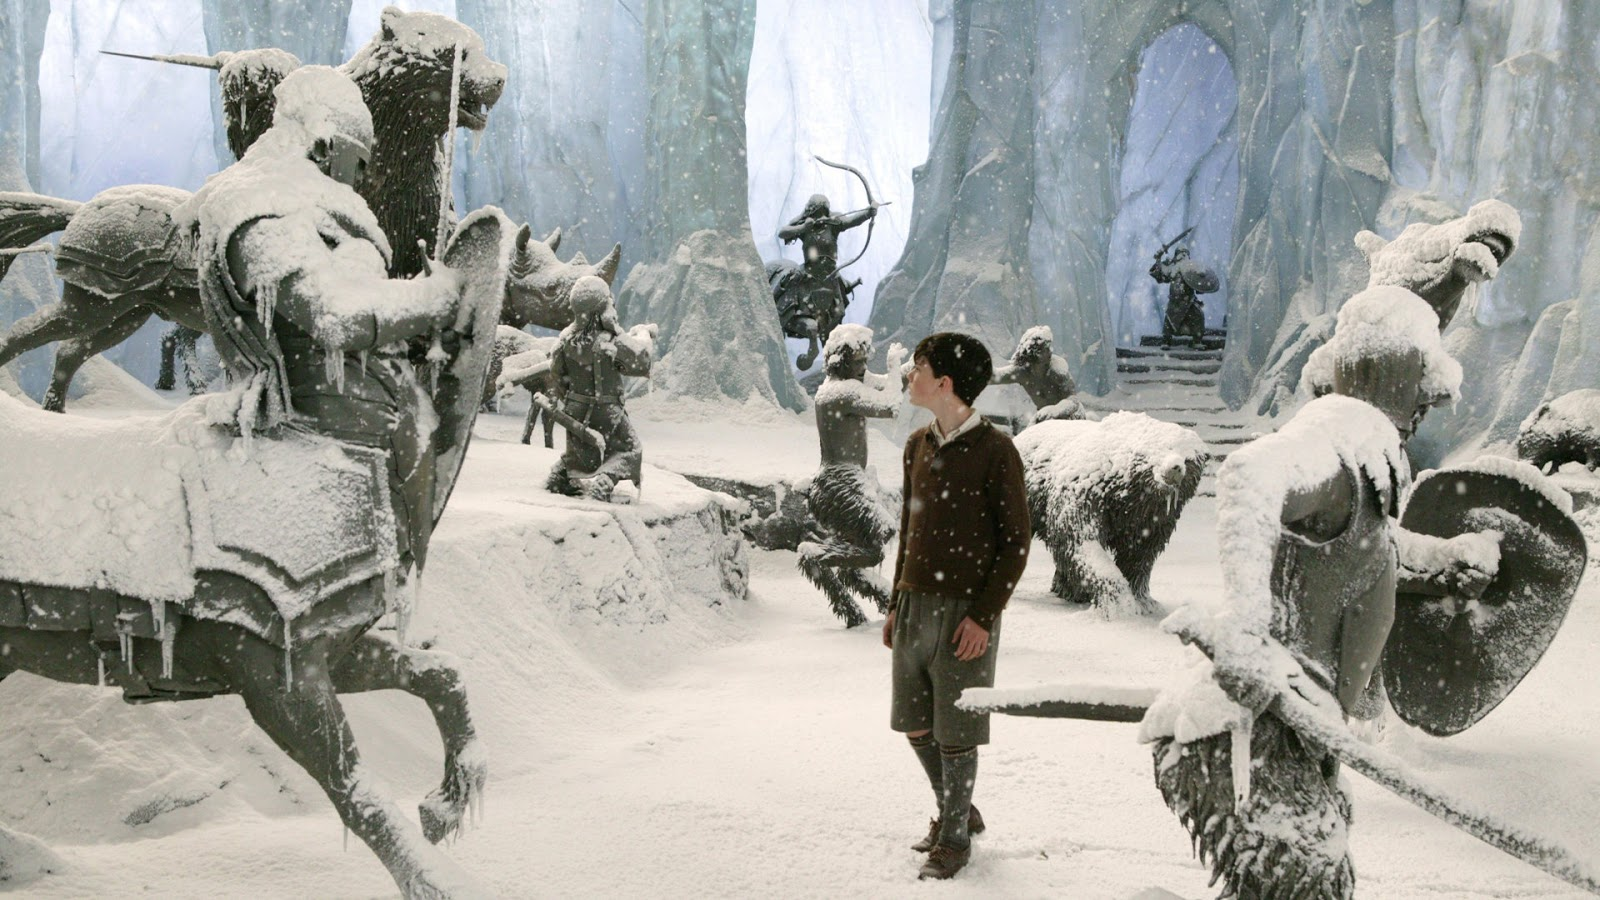 Edmund w książce opowieści narnii i filmie disney lew czarownica i stara szafa